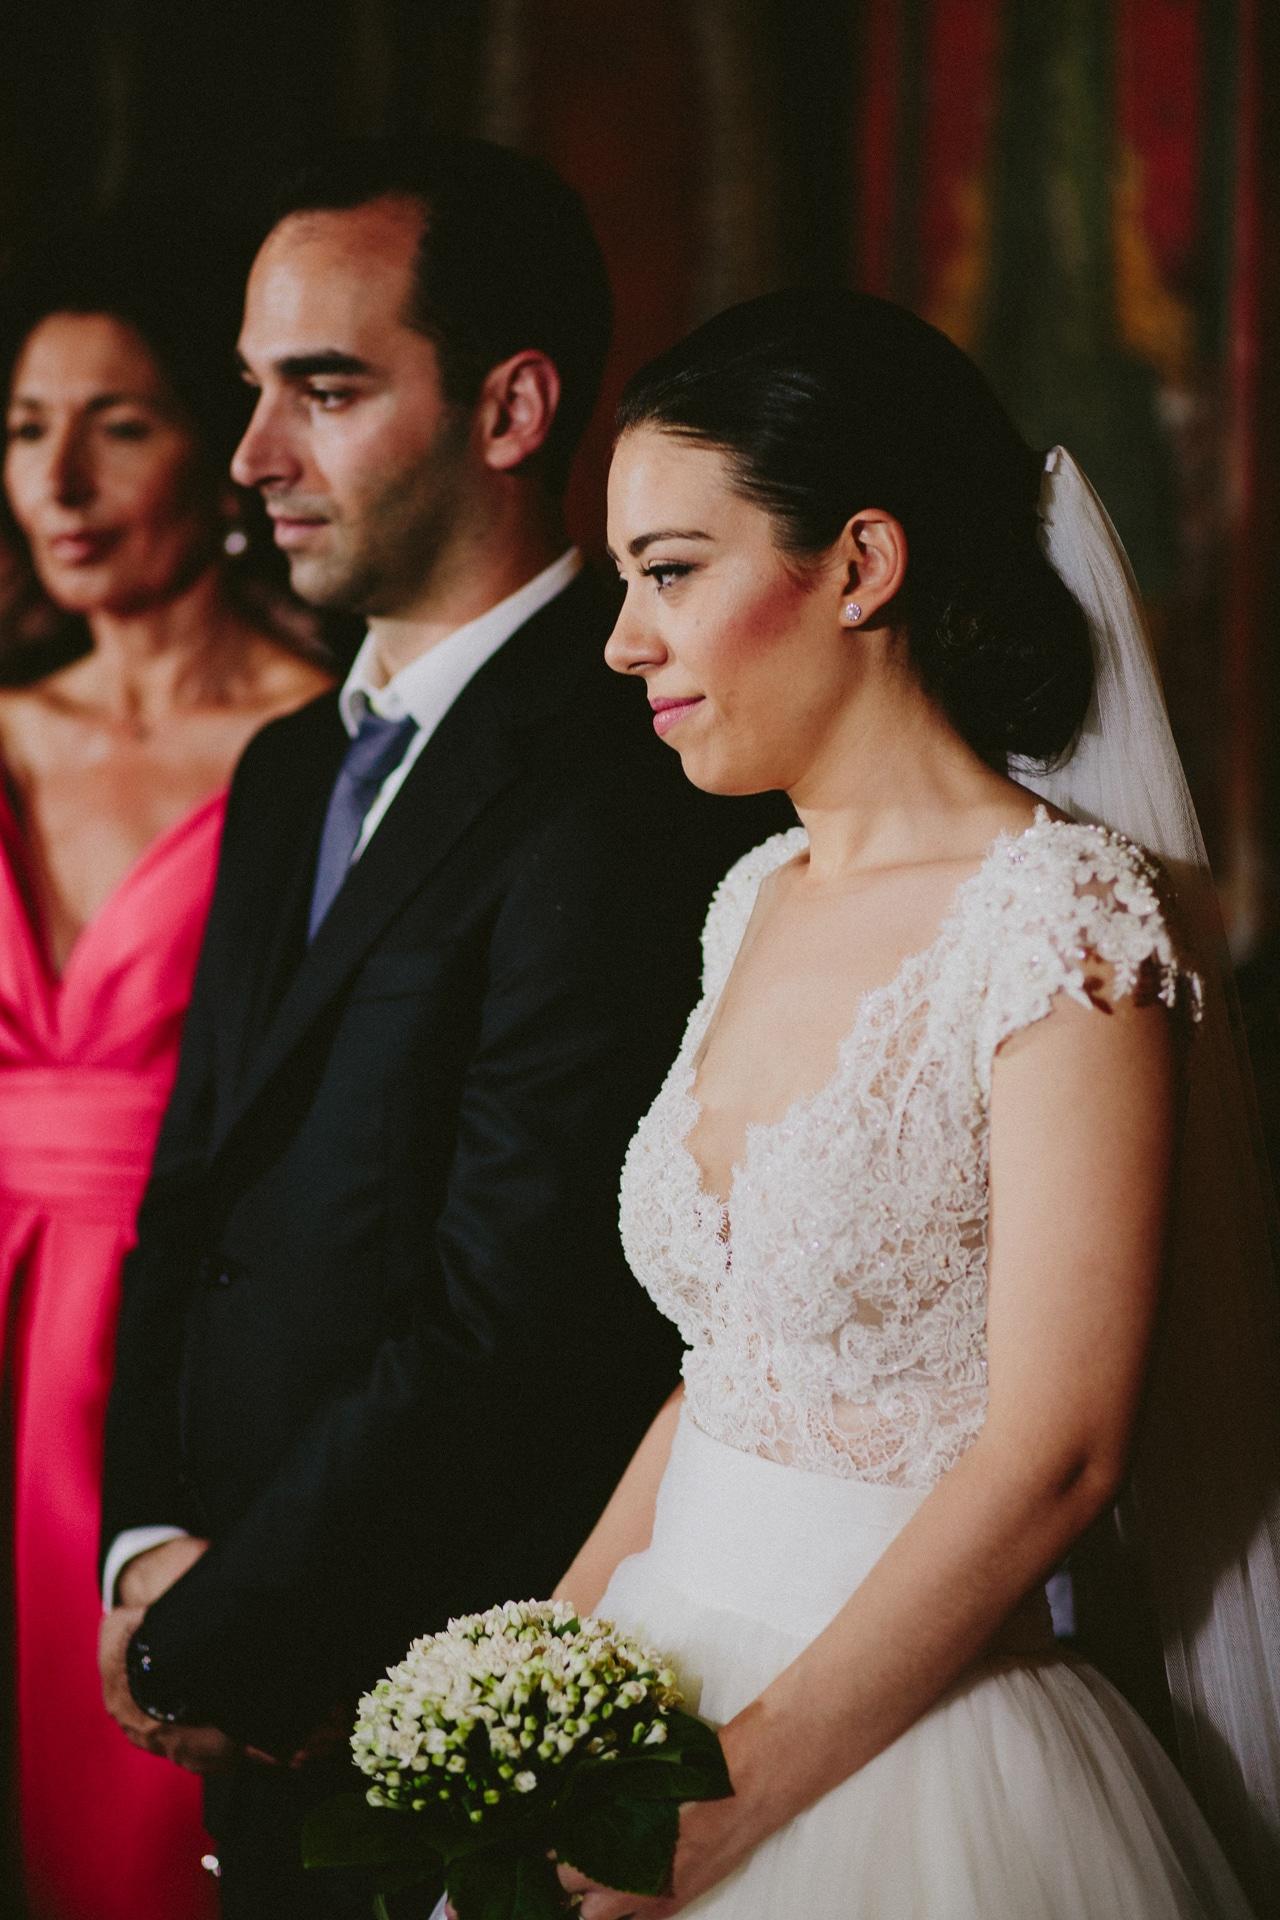 Γραφικός γάμος στα Μετέωρα